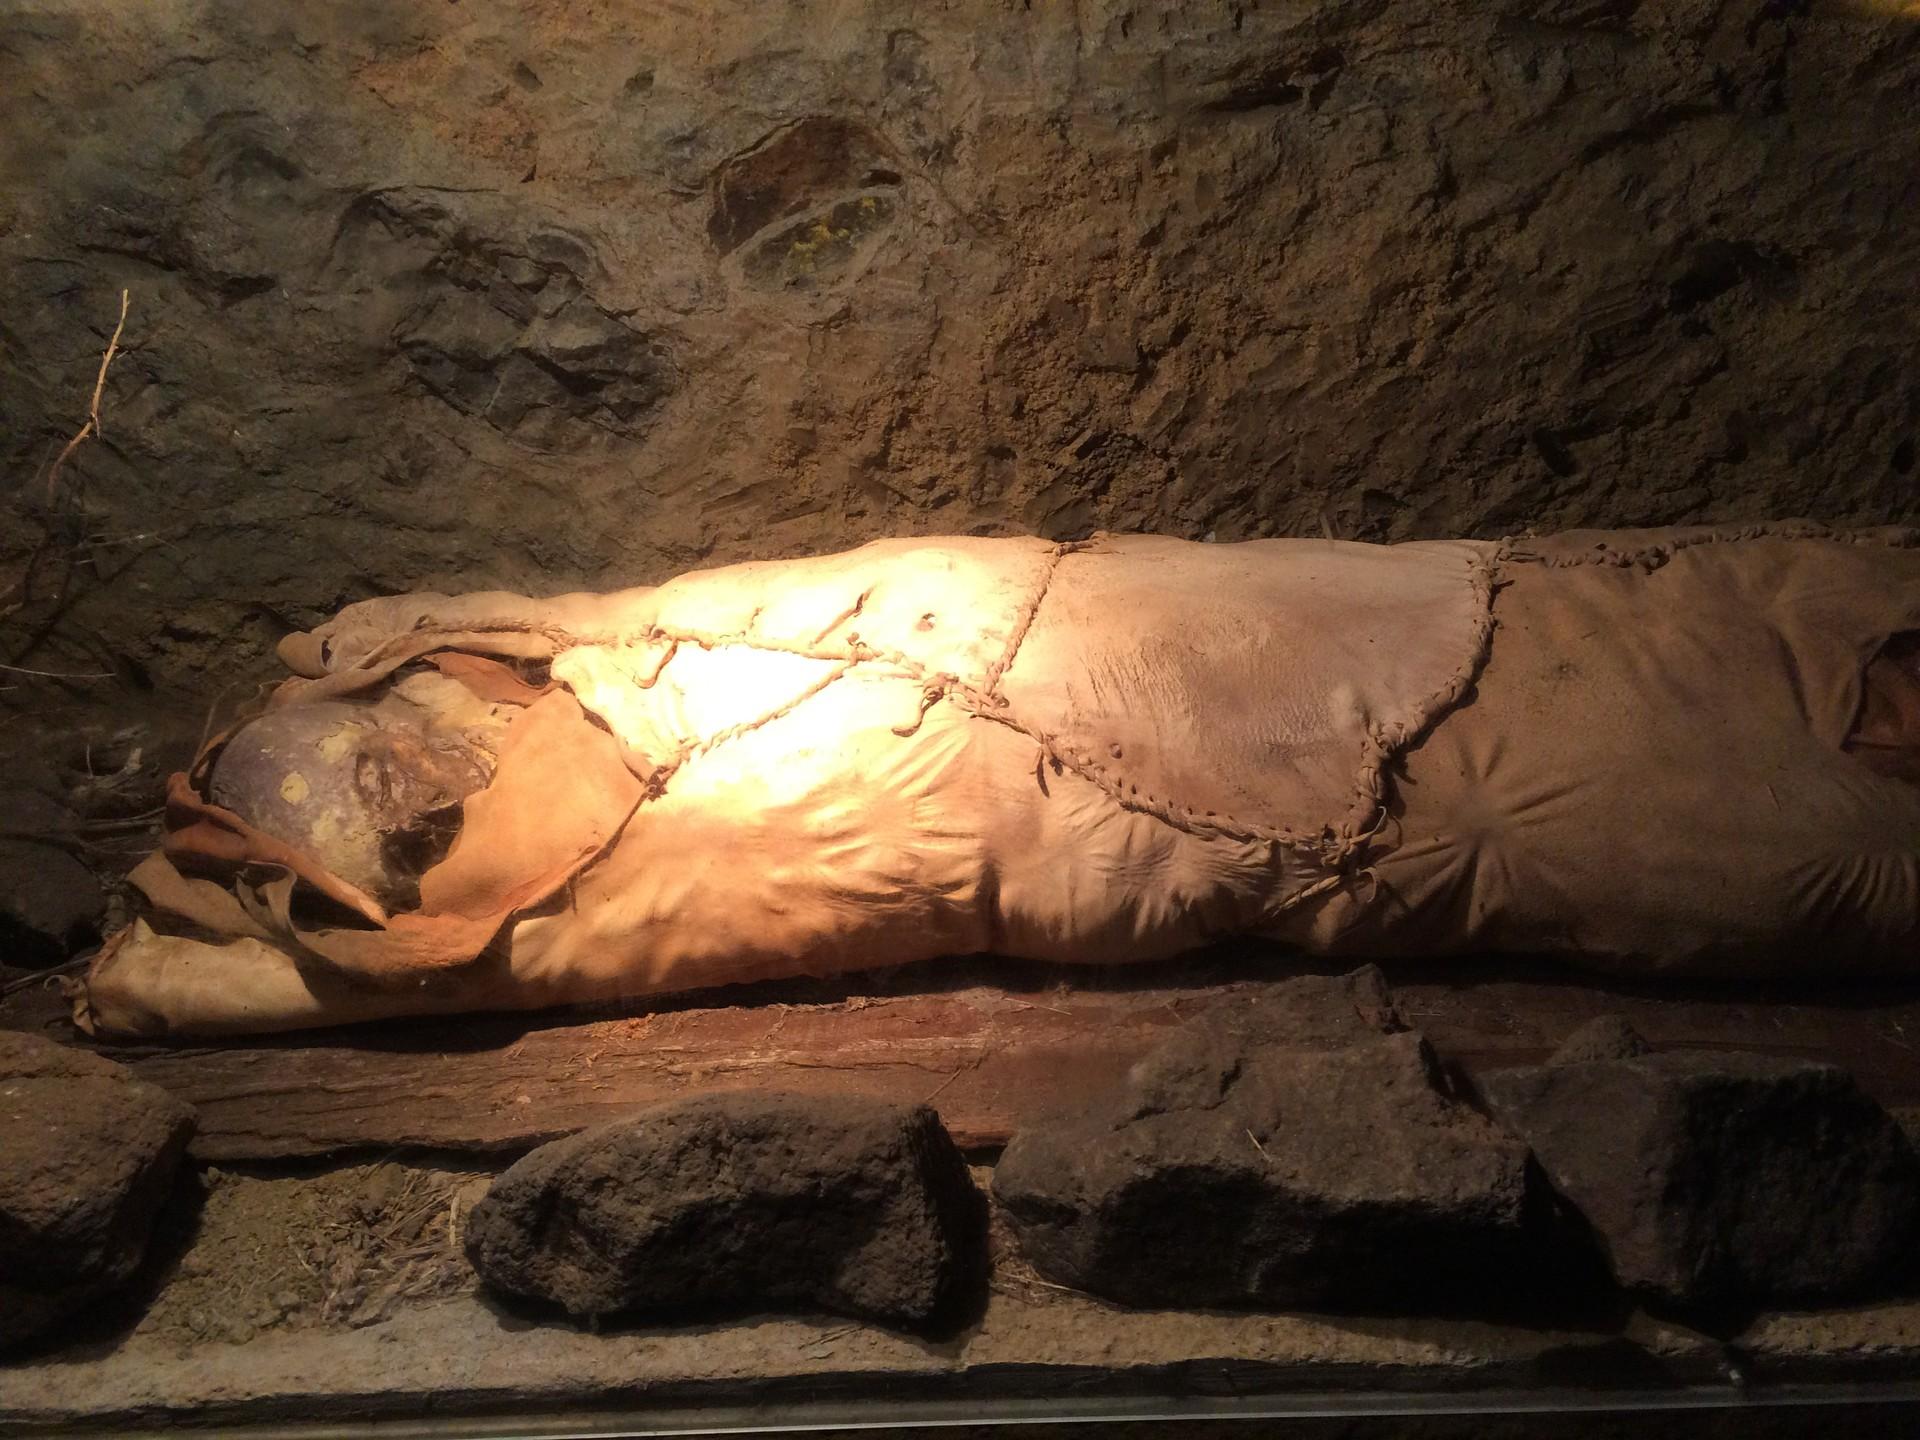 museo-guayadeque-07b7d6c4ad4271250a5575c